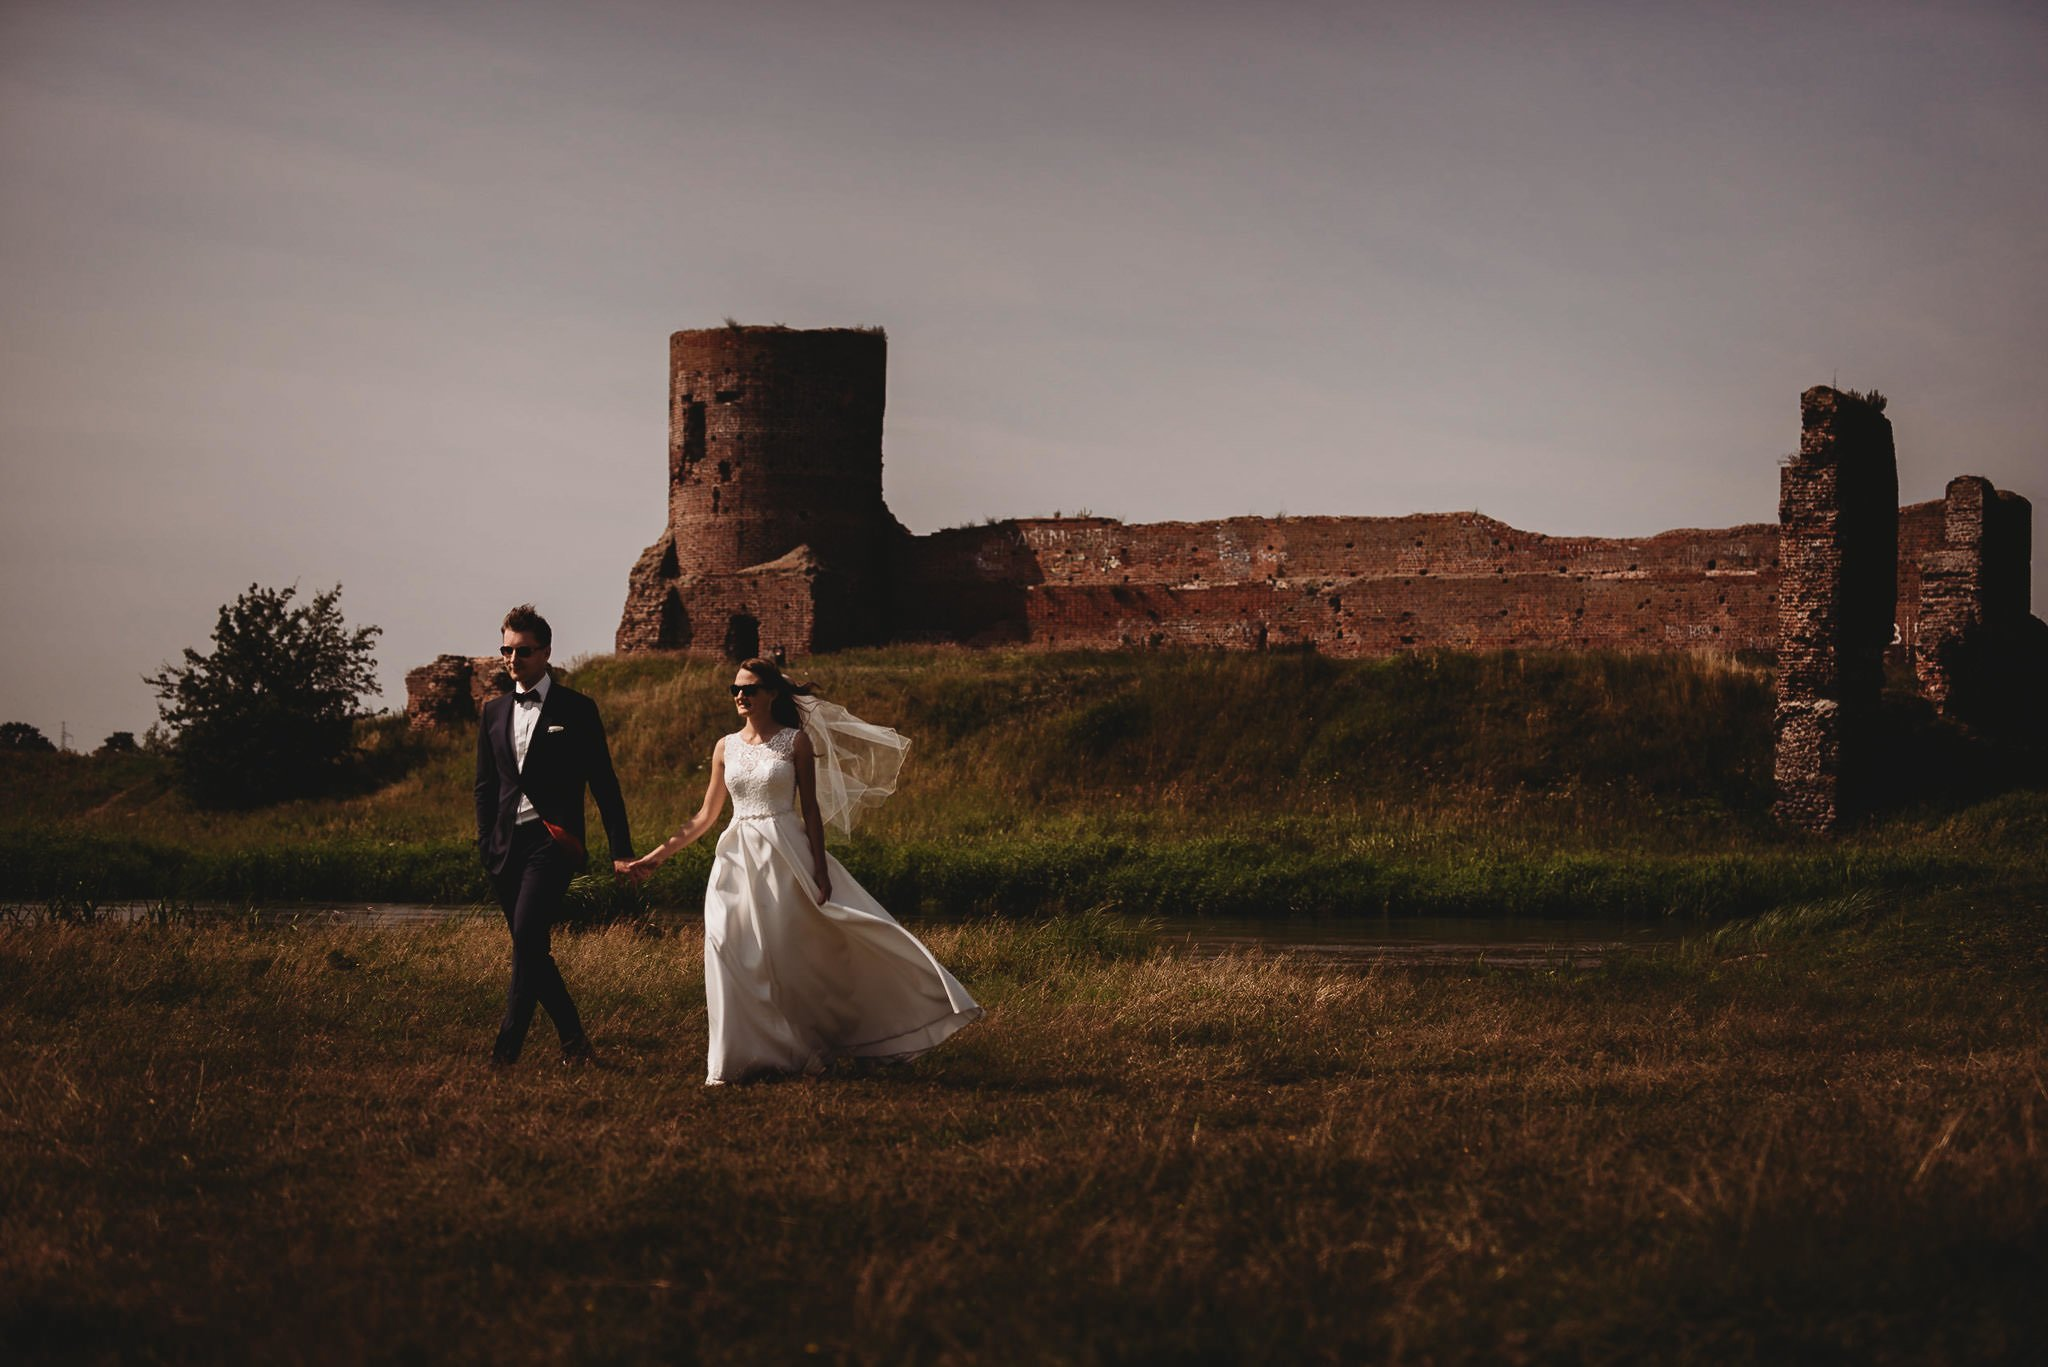 Monika i Michał, wesele w Paryżu i sesja plenerowa w stadninie koni w Czołowie 318